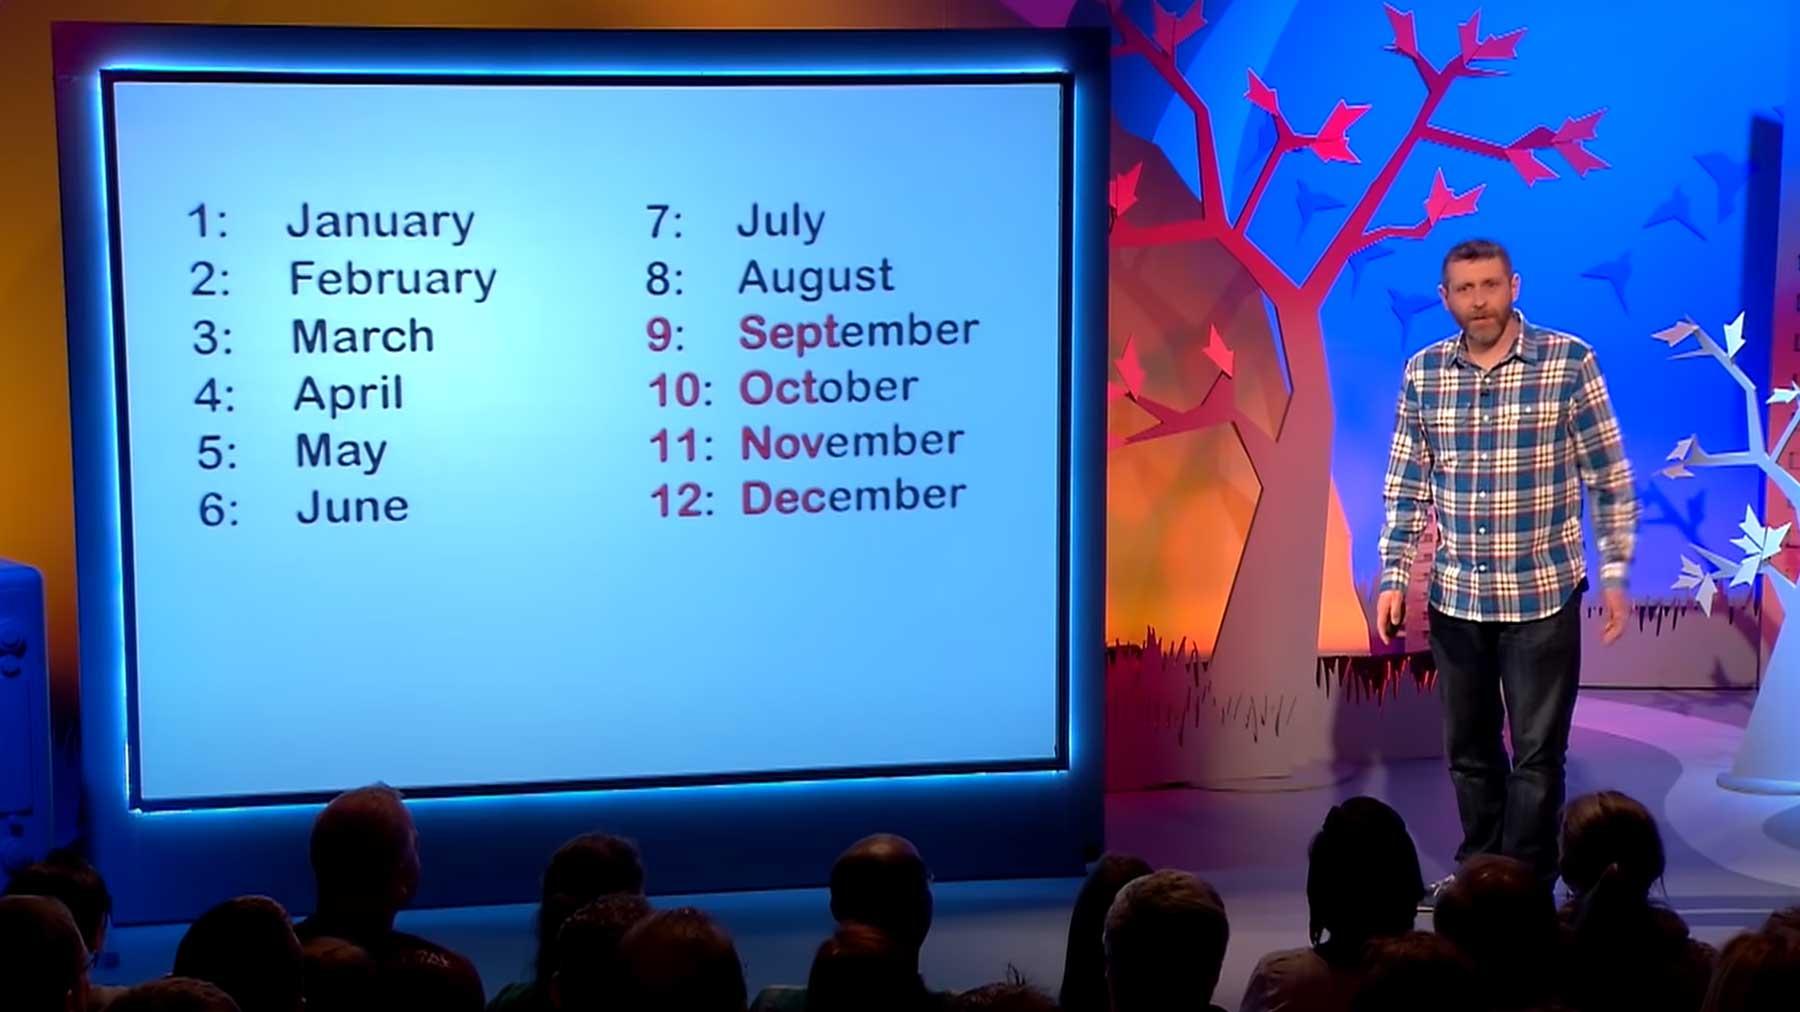 Weshalb der gregorianische Kalender eigentlich ziemlich unsinnig ist…